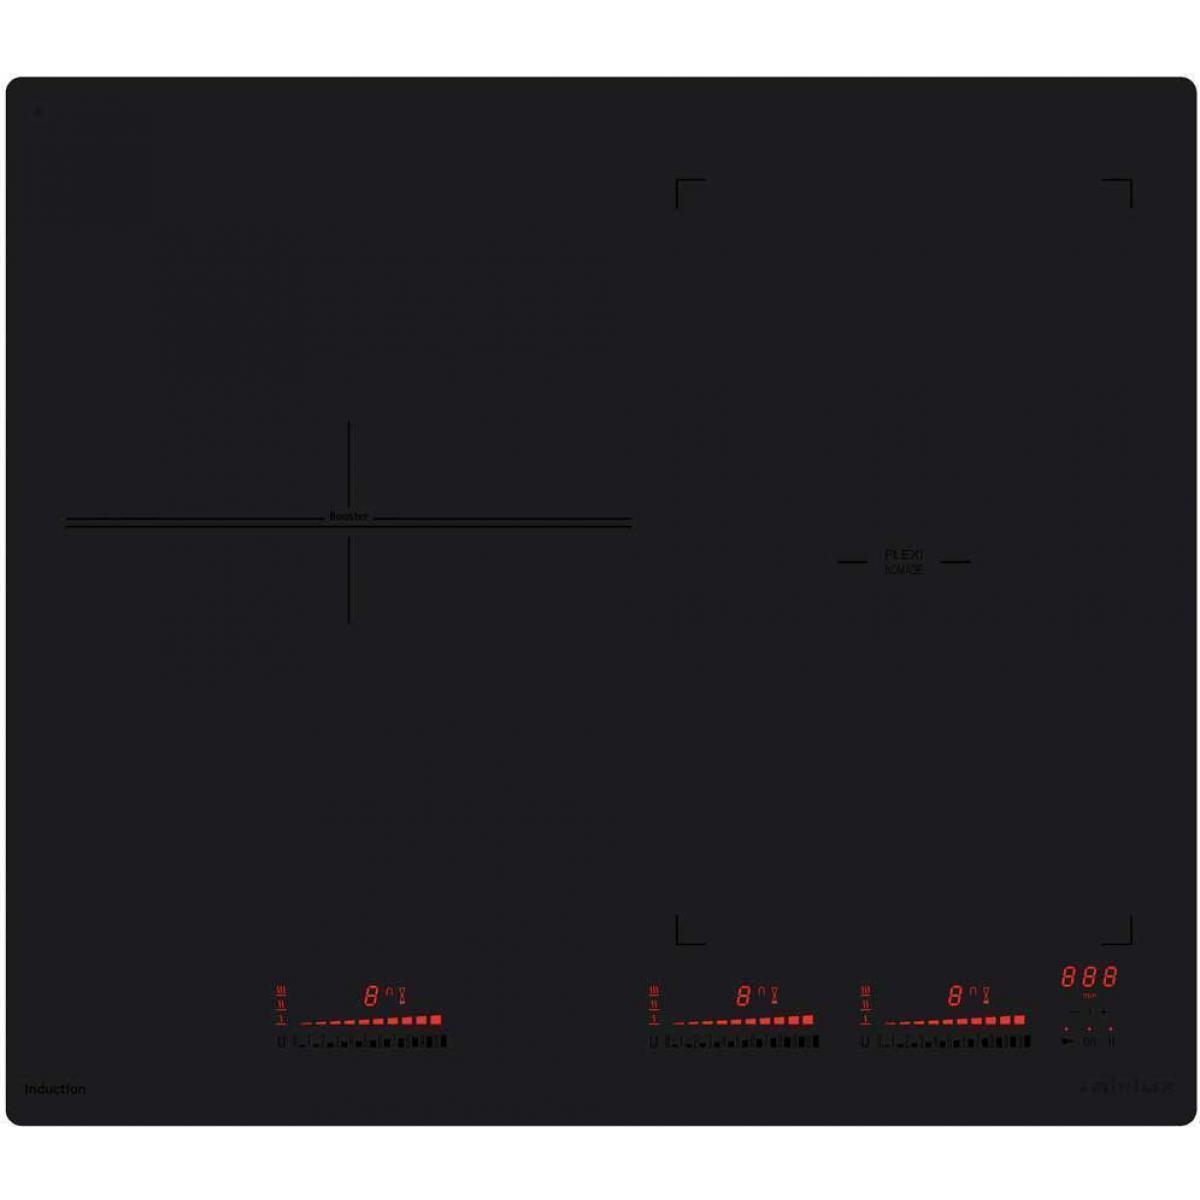 AIRLUX Plaque induction AIRLUX 7400W 59cm, ATIF 63 BKM